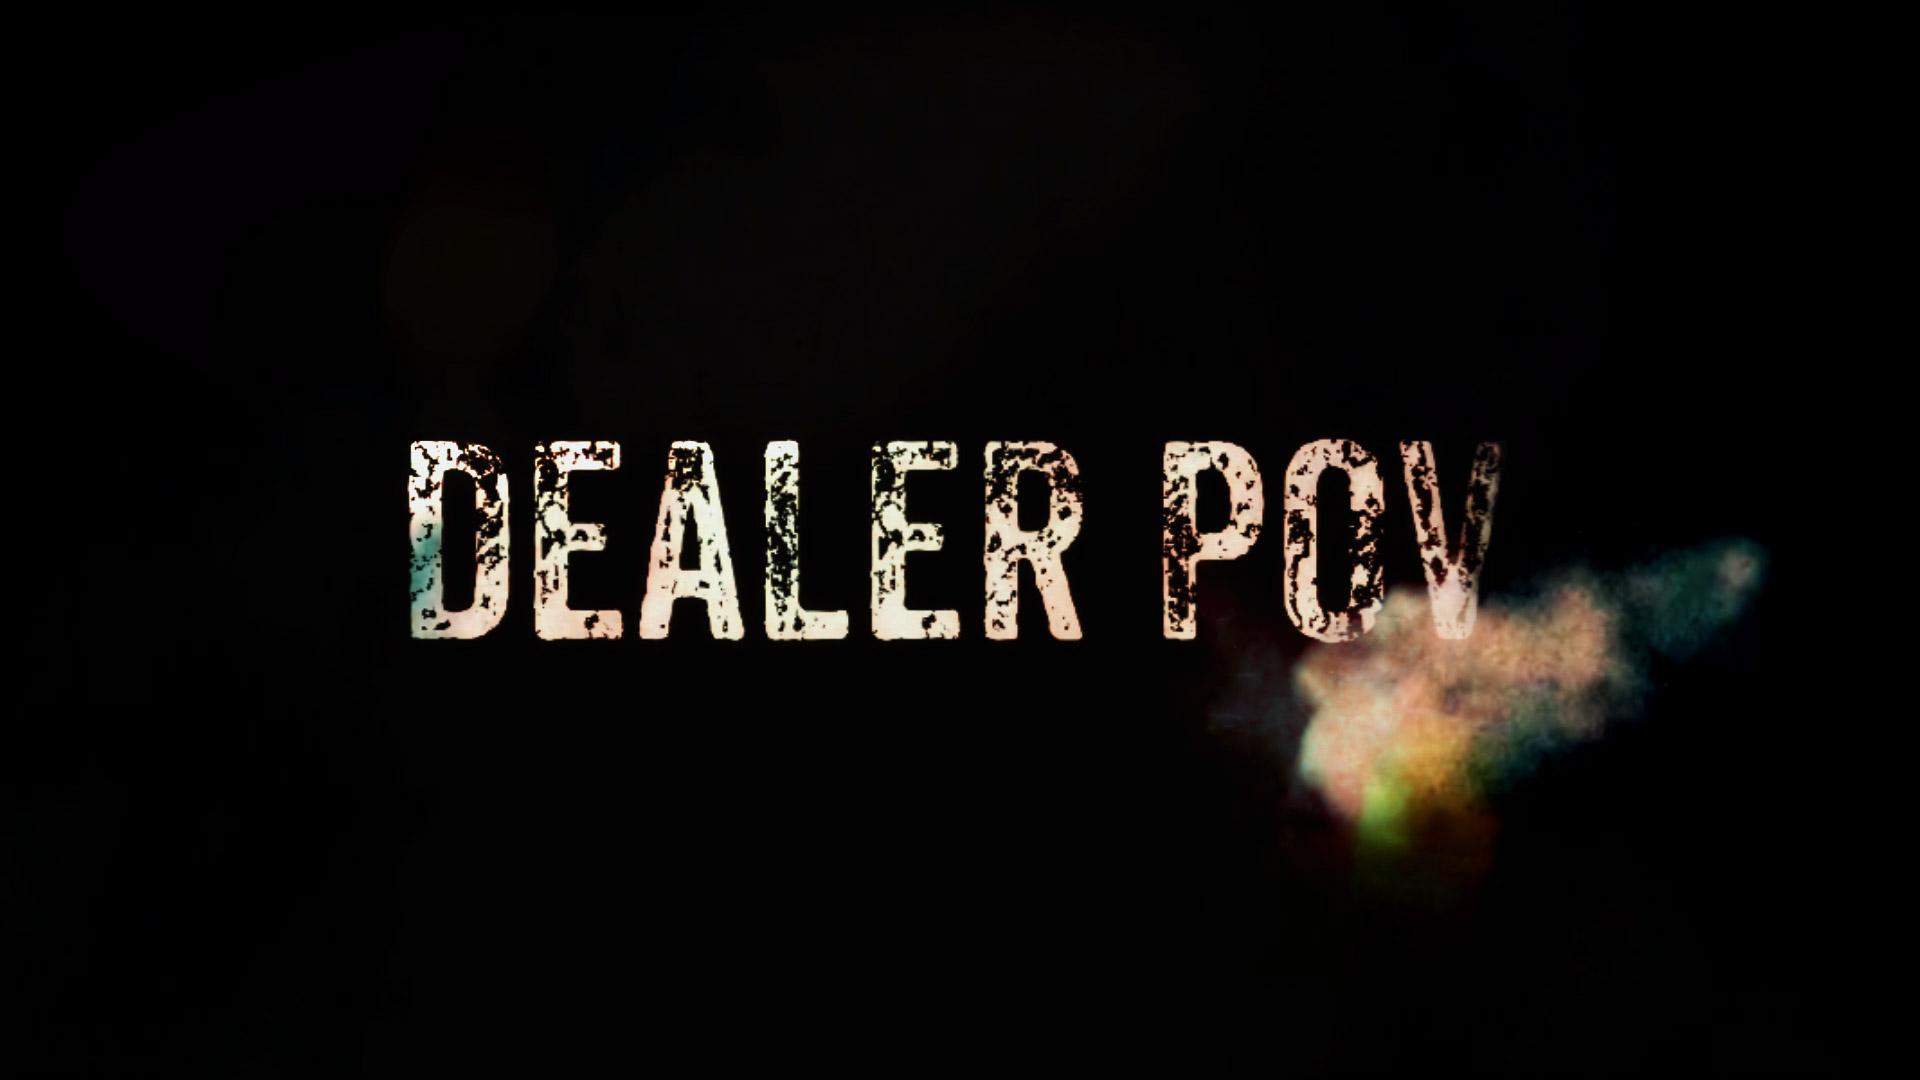 Dealer_POV.jpg